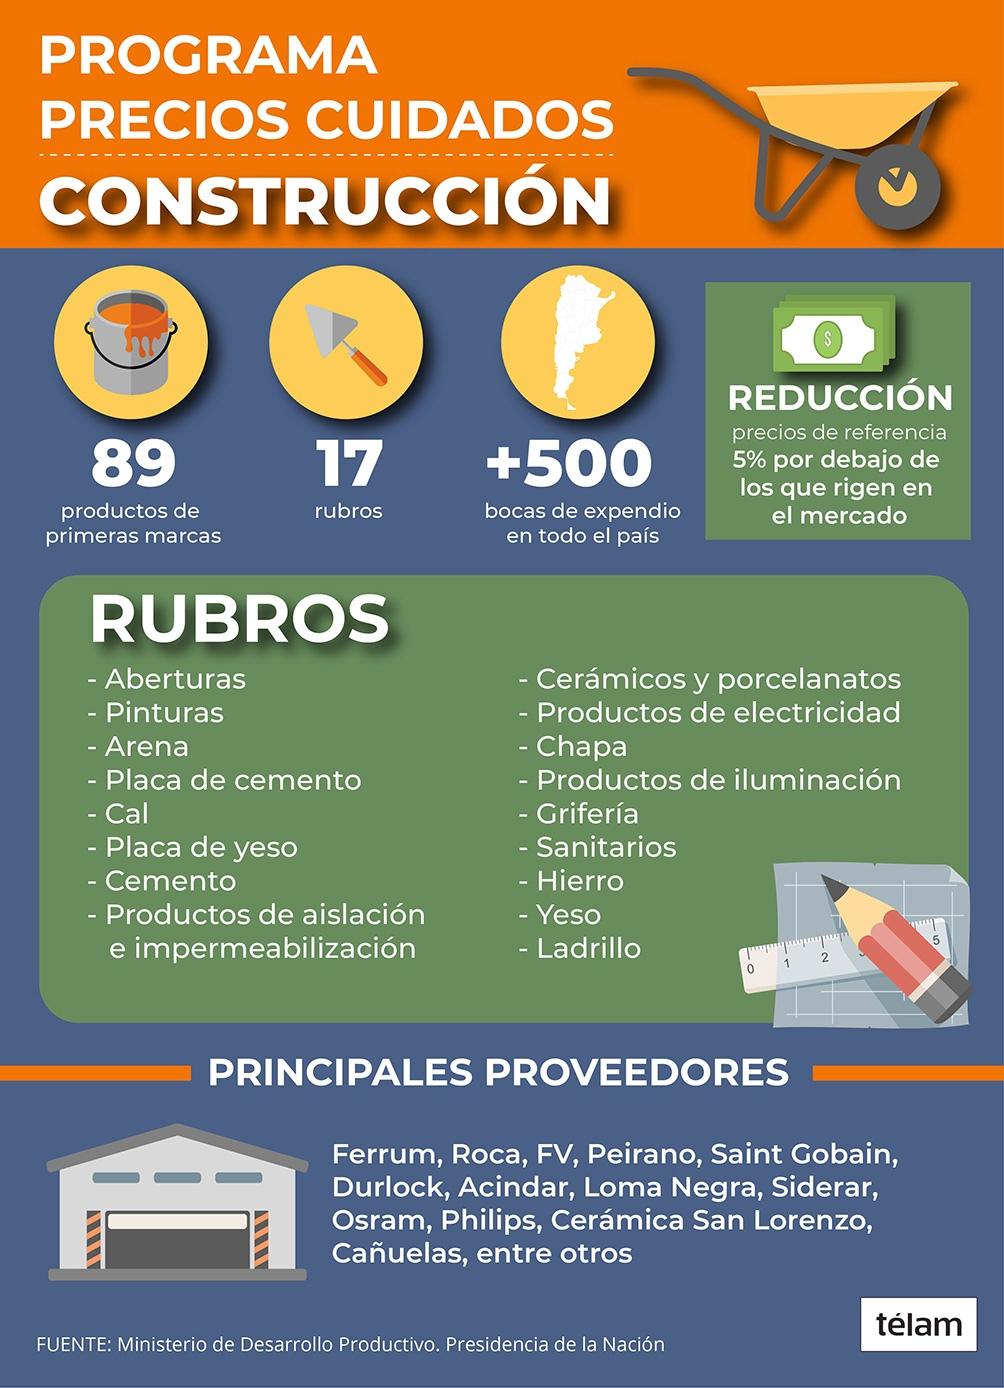 """Nación lanzó """"Precios Cuidados para la Construcción"""" con una reducción de 5% promedio en los precios"""